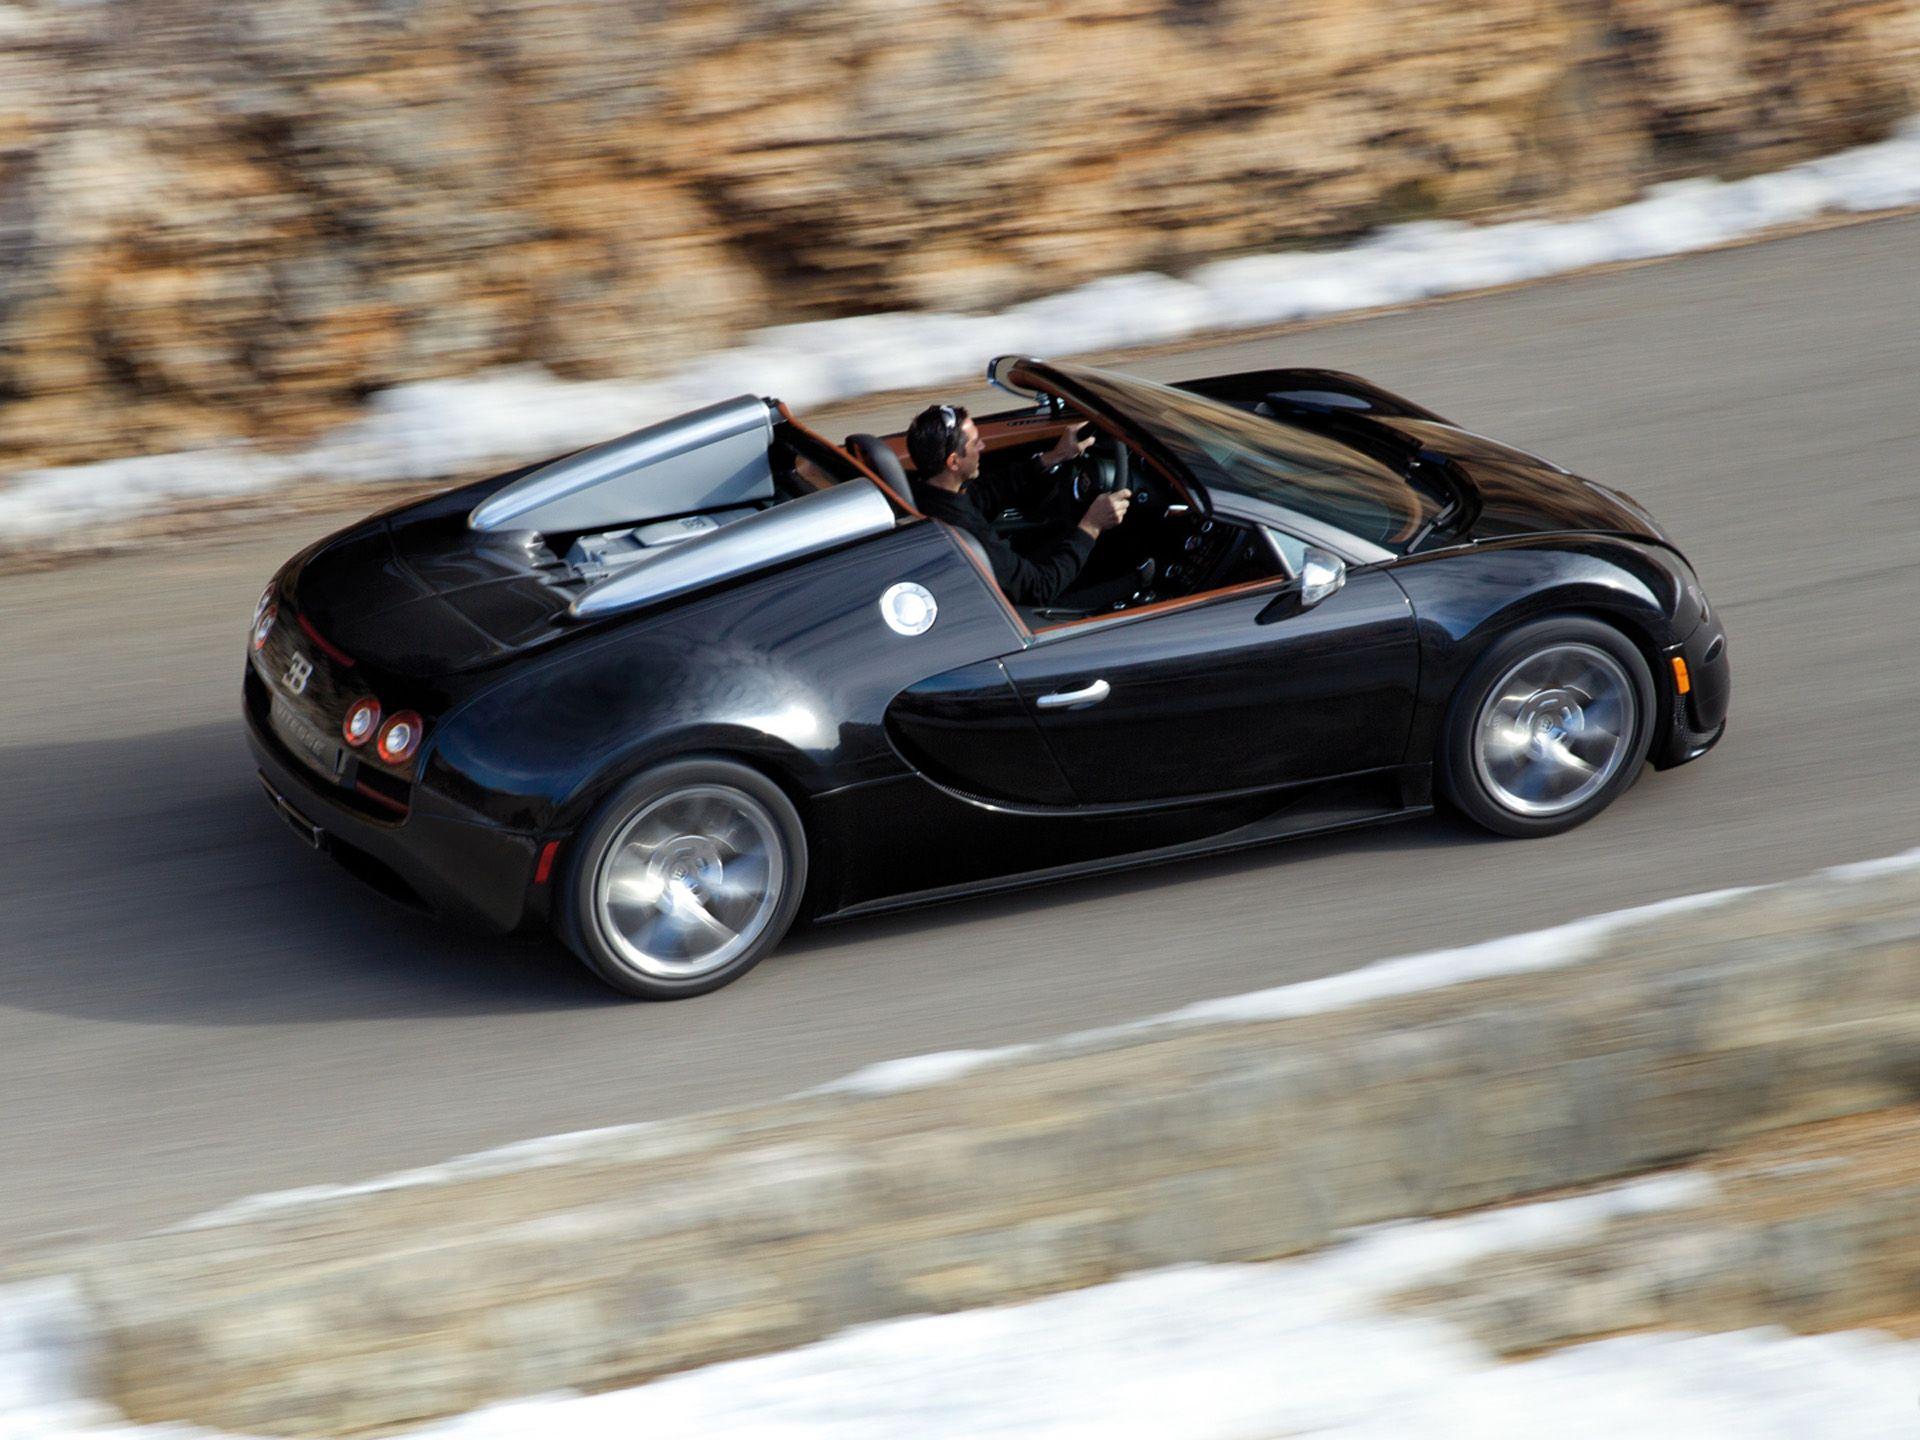 Bugatti-Veyron-16.4-Grand-Sport-Vitesse-Cabrio